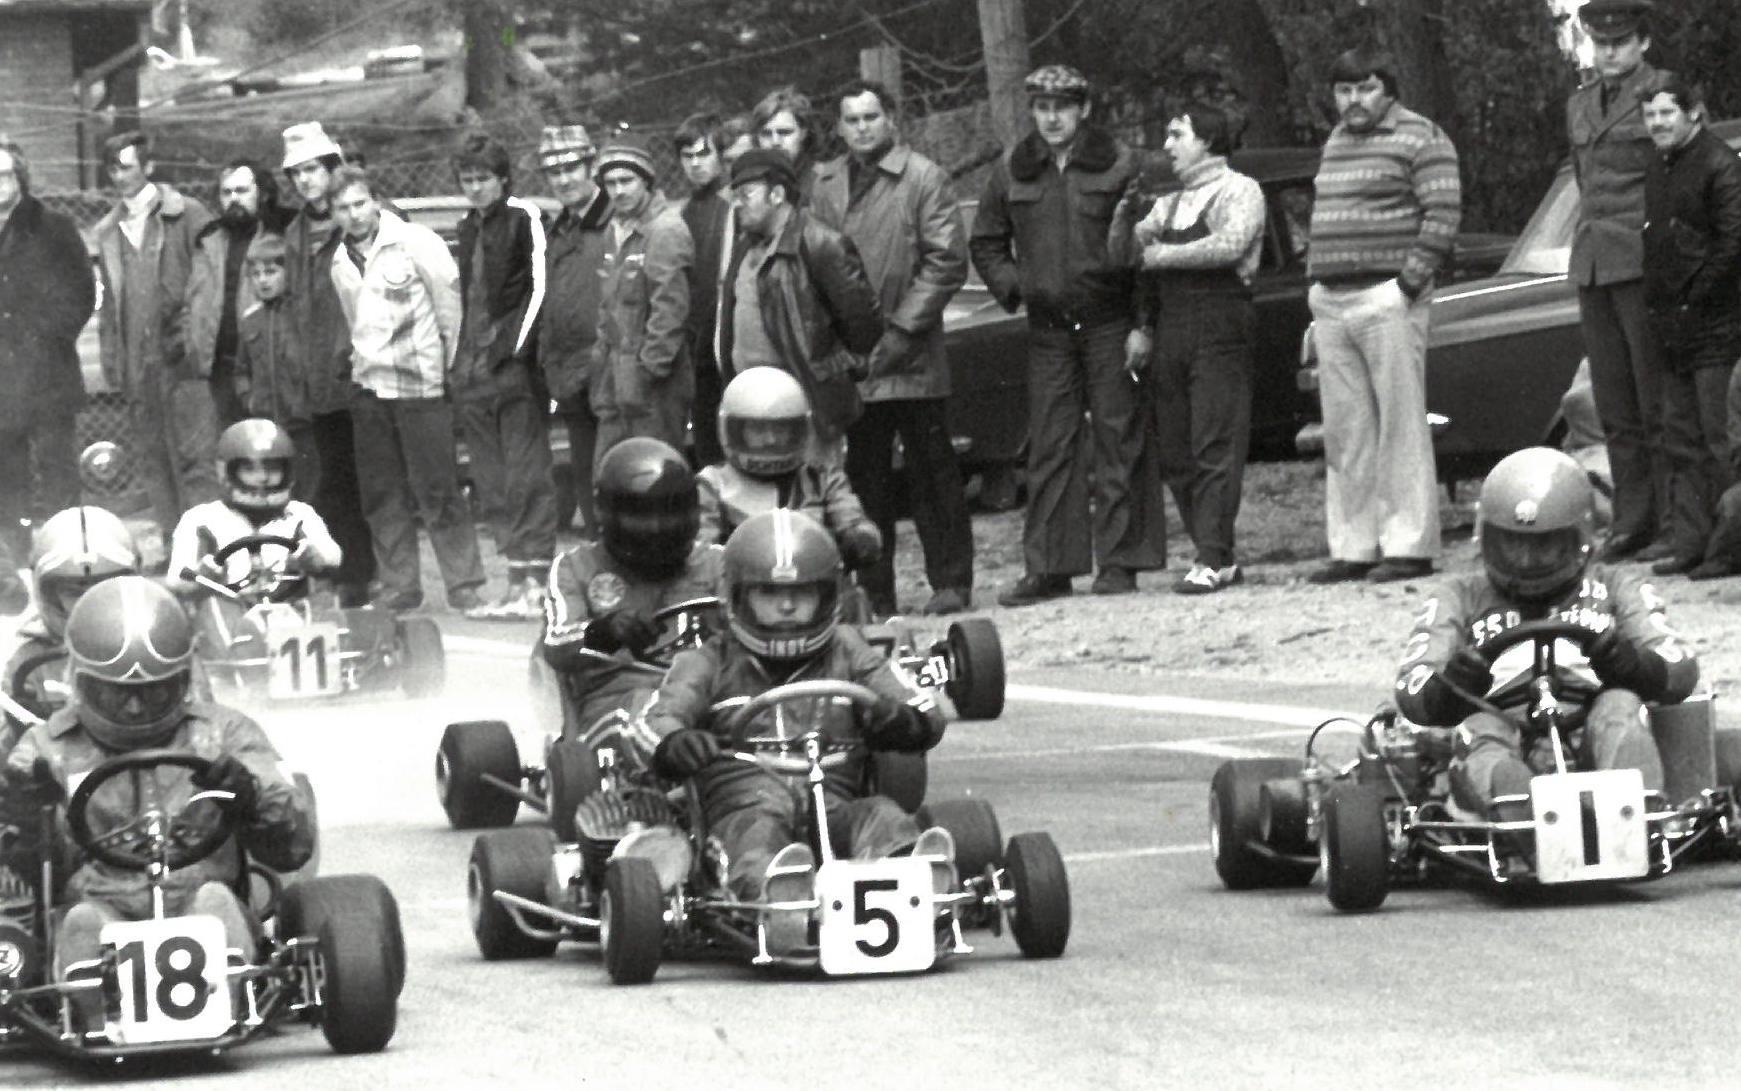 1981 Mistrovství ČSSR Písek